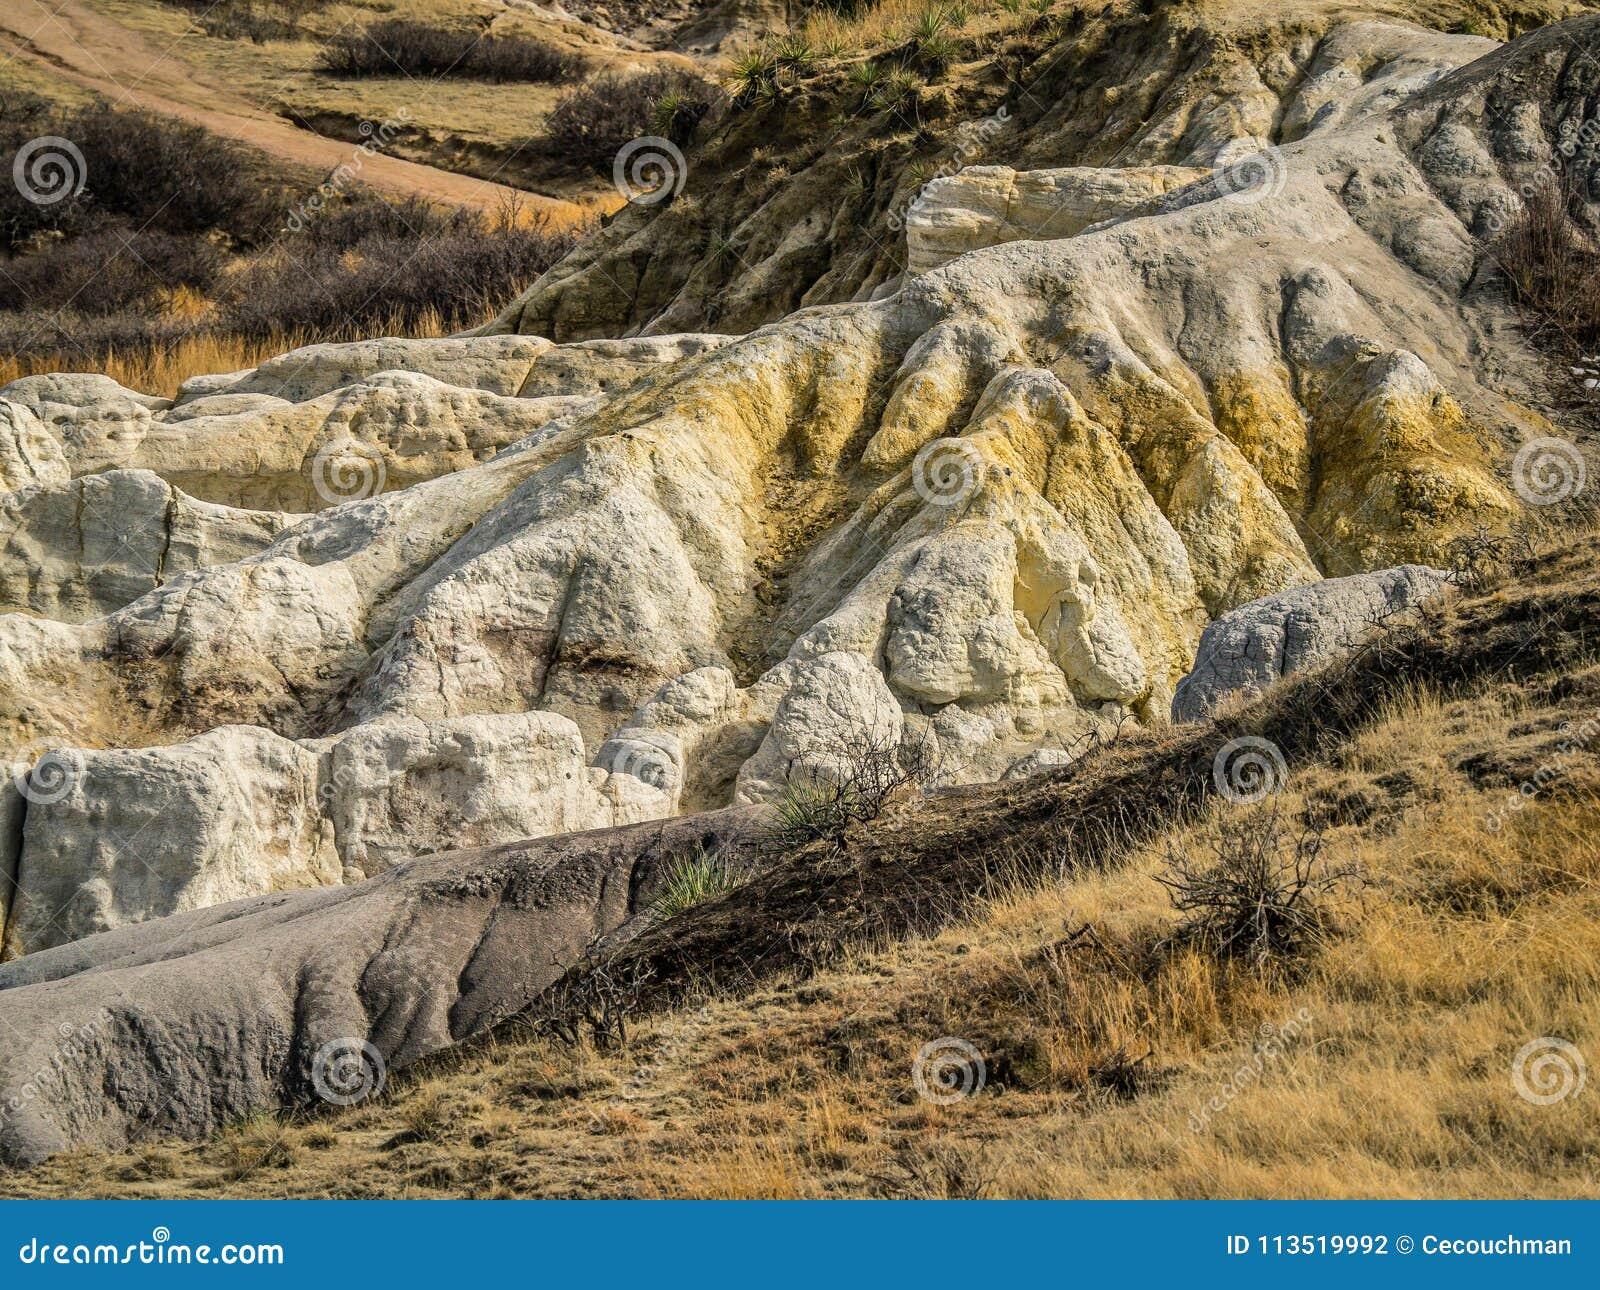 Paint Mines near Calhan, Colorado, El Paso County